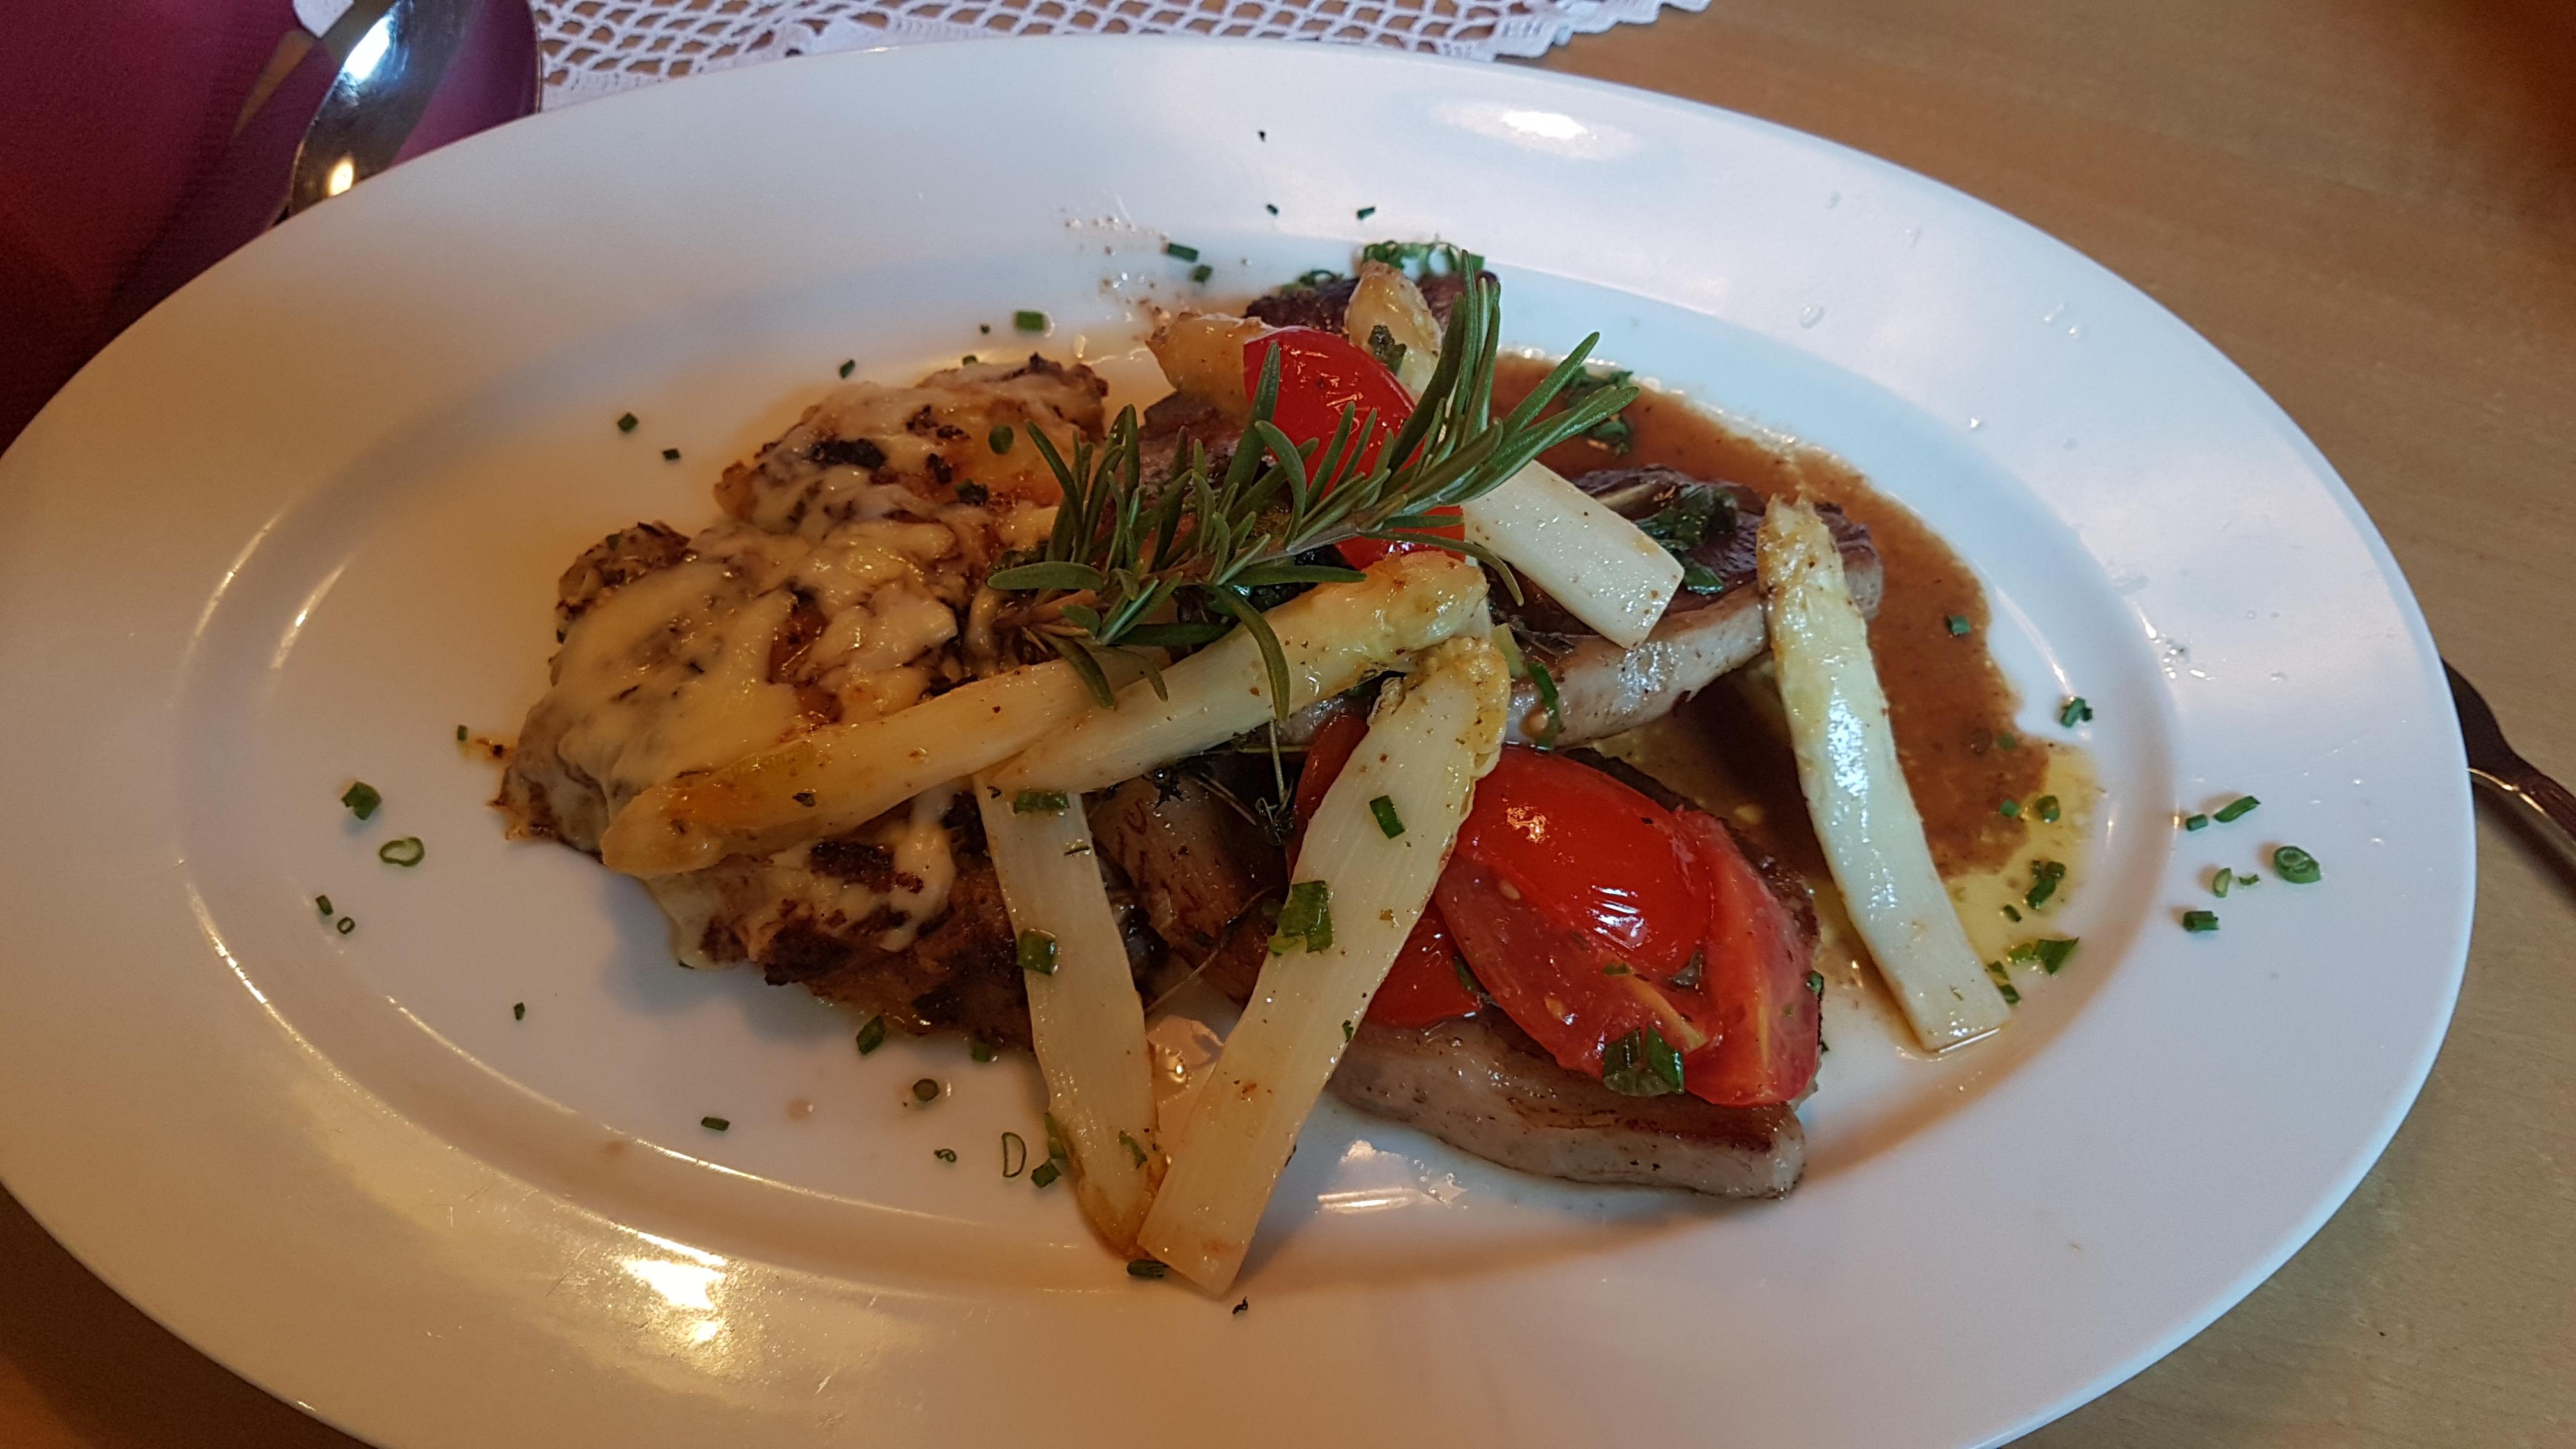 rosa gegrilltes Lammkotelett in Knoblauch-Tymianbutter mit Kartoffelgratin und glacierten Spargelspitzen, Nickis Restaurant, Fritz Semper, Gmünd